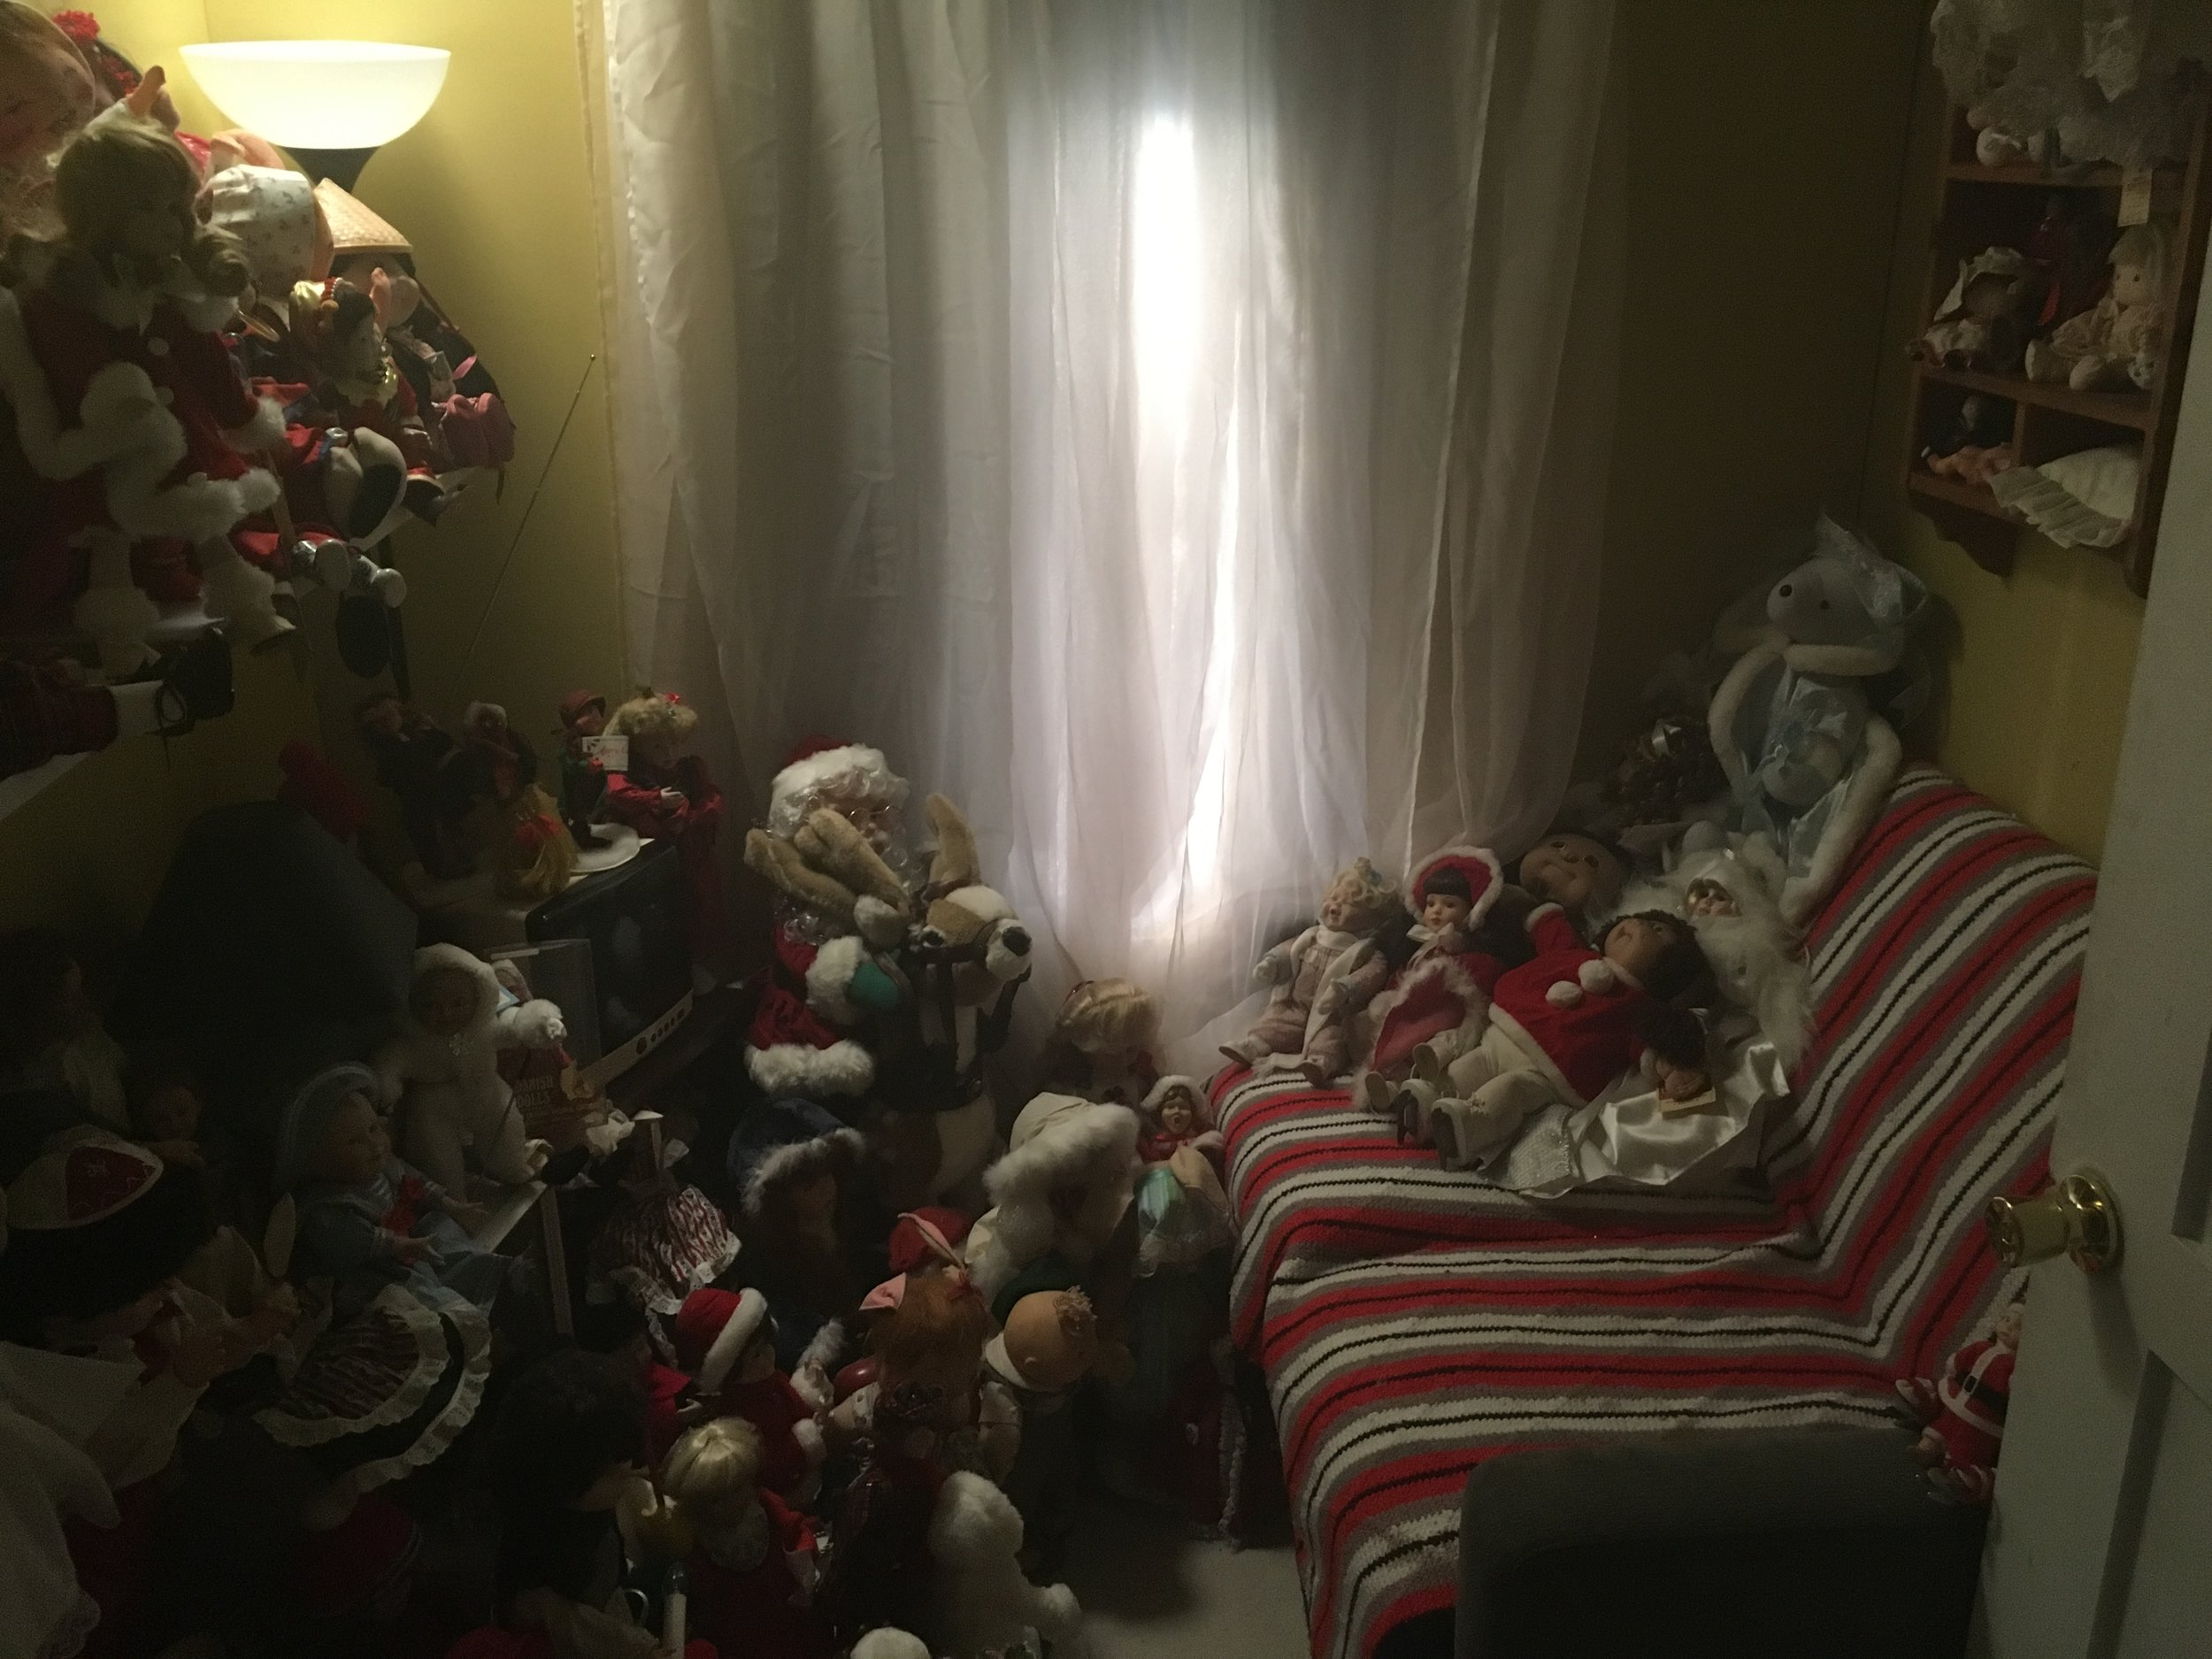 Doll hoarding room